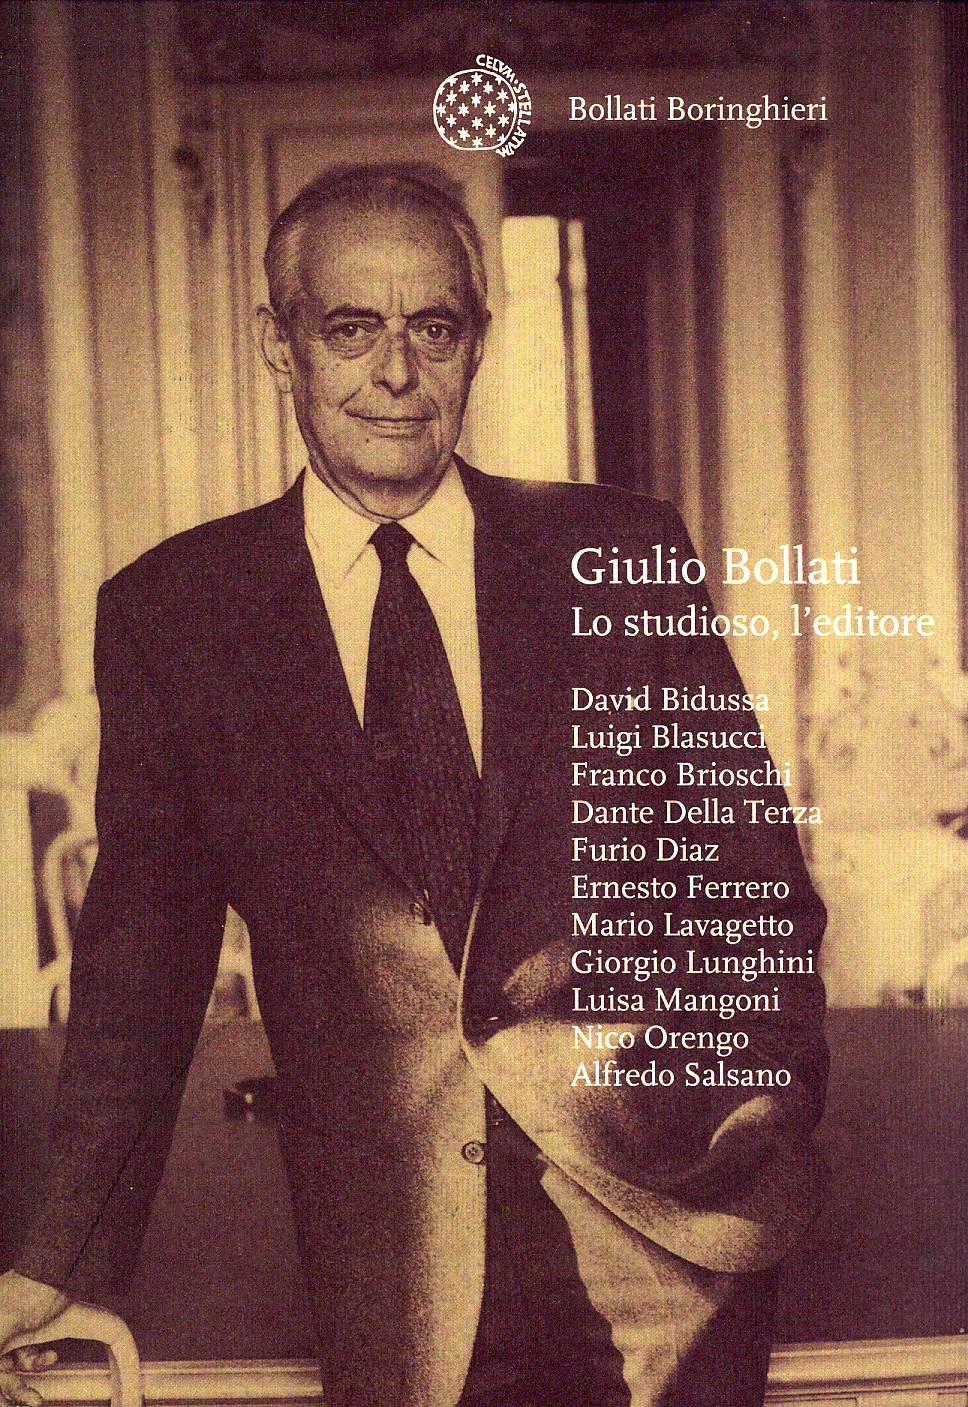 Giulio Bollati